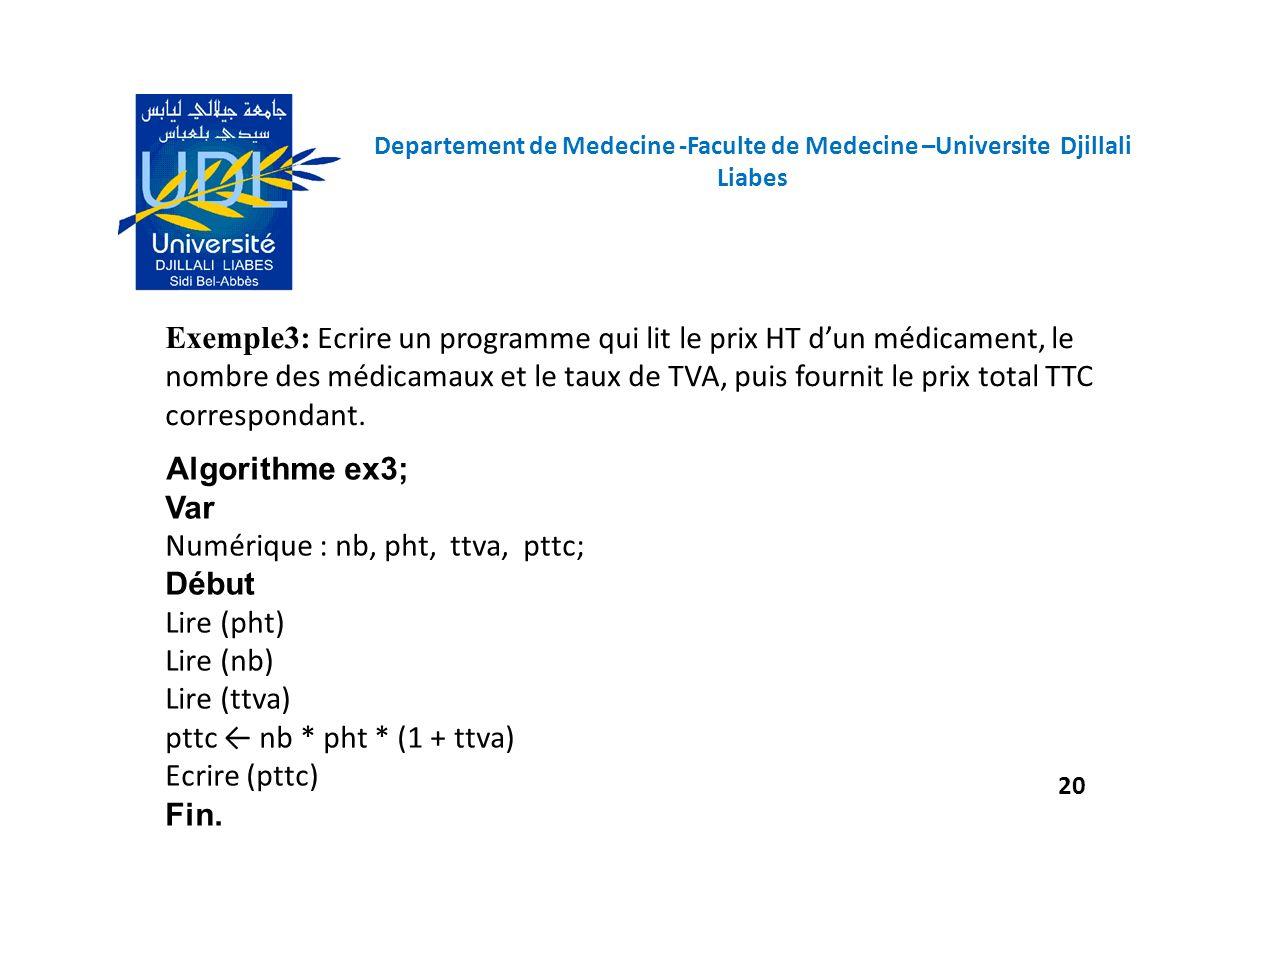 Algorithme ex3; Var Numérique : nb, pht, ttva, pttc; Début Lire (pht) Lire (nb) Lire (ttva) pttc nb * pht * (1 + ttva) Ecrire (pttc) Fin. Exemple3: Ec